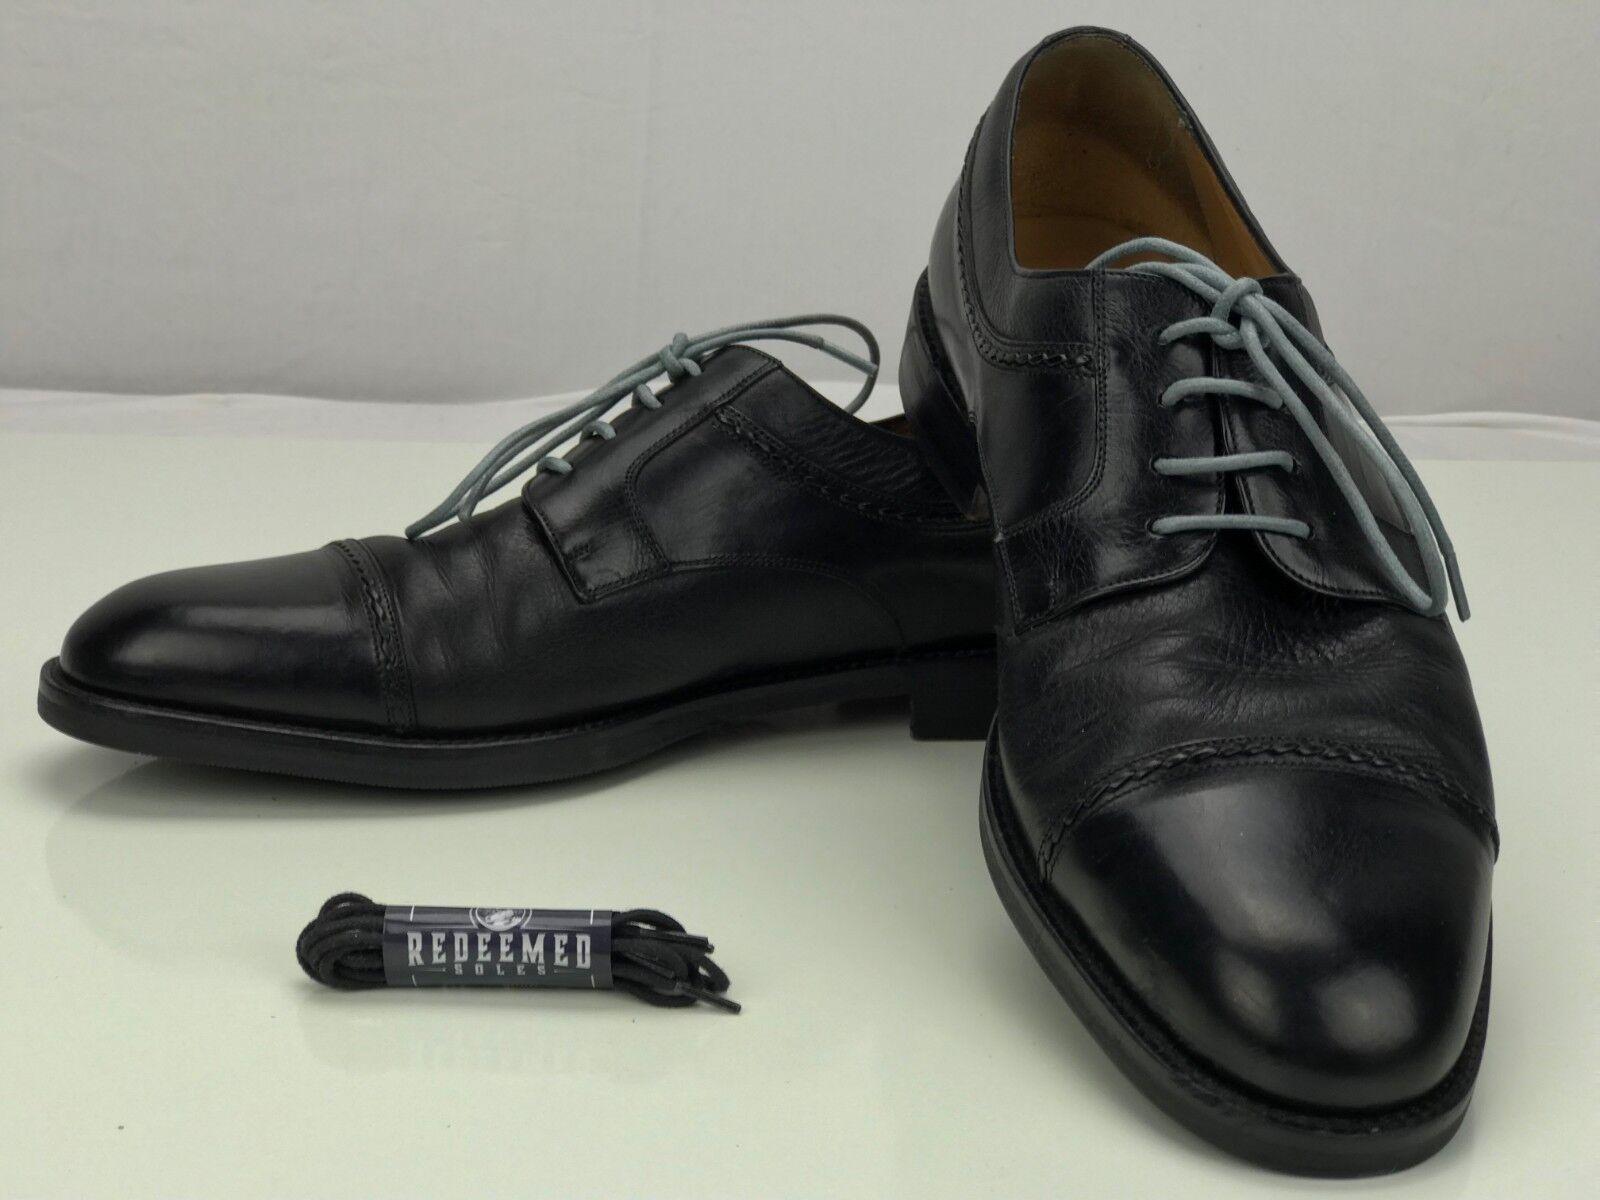 Sito ufficiale MEZLAN Cap Toe Deerskin Brogue scarpe - Lace Up nero nero nero Leather Oxfords Uomo 10 M  100% autentico